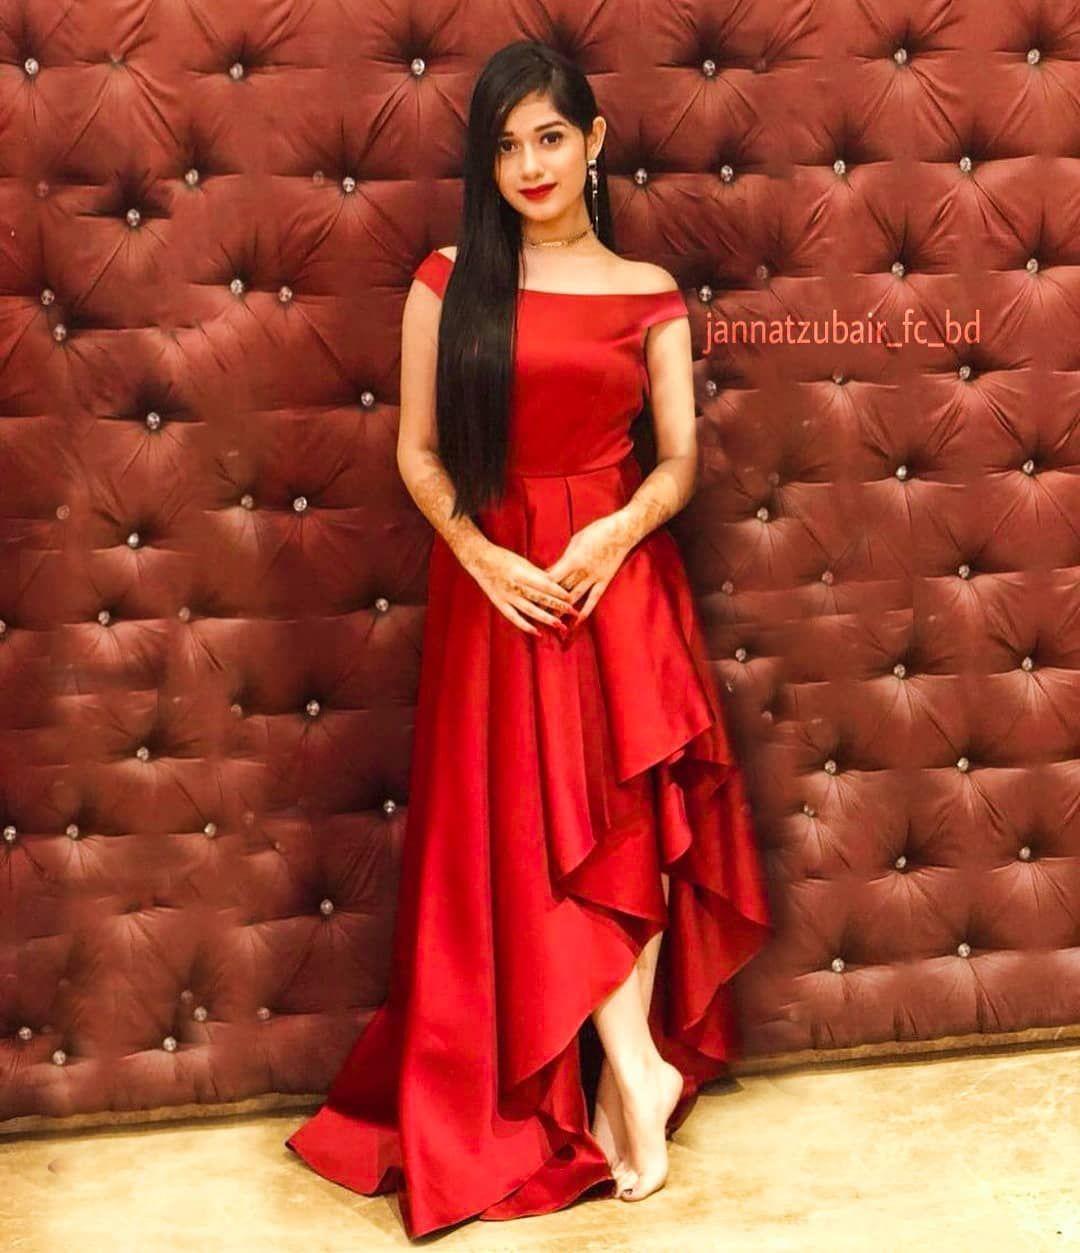 Jannat zubair pink dress  Jannat Zubair as Pankti  beautiful dress en   Pinterest